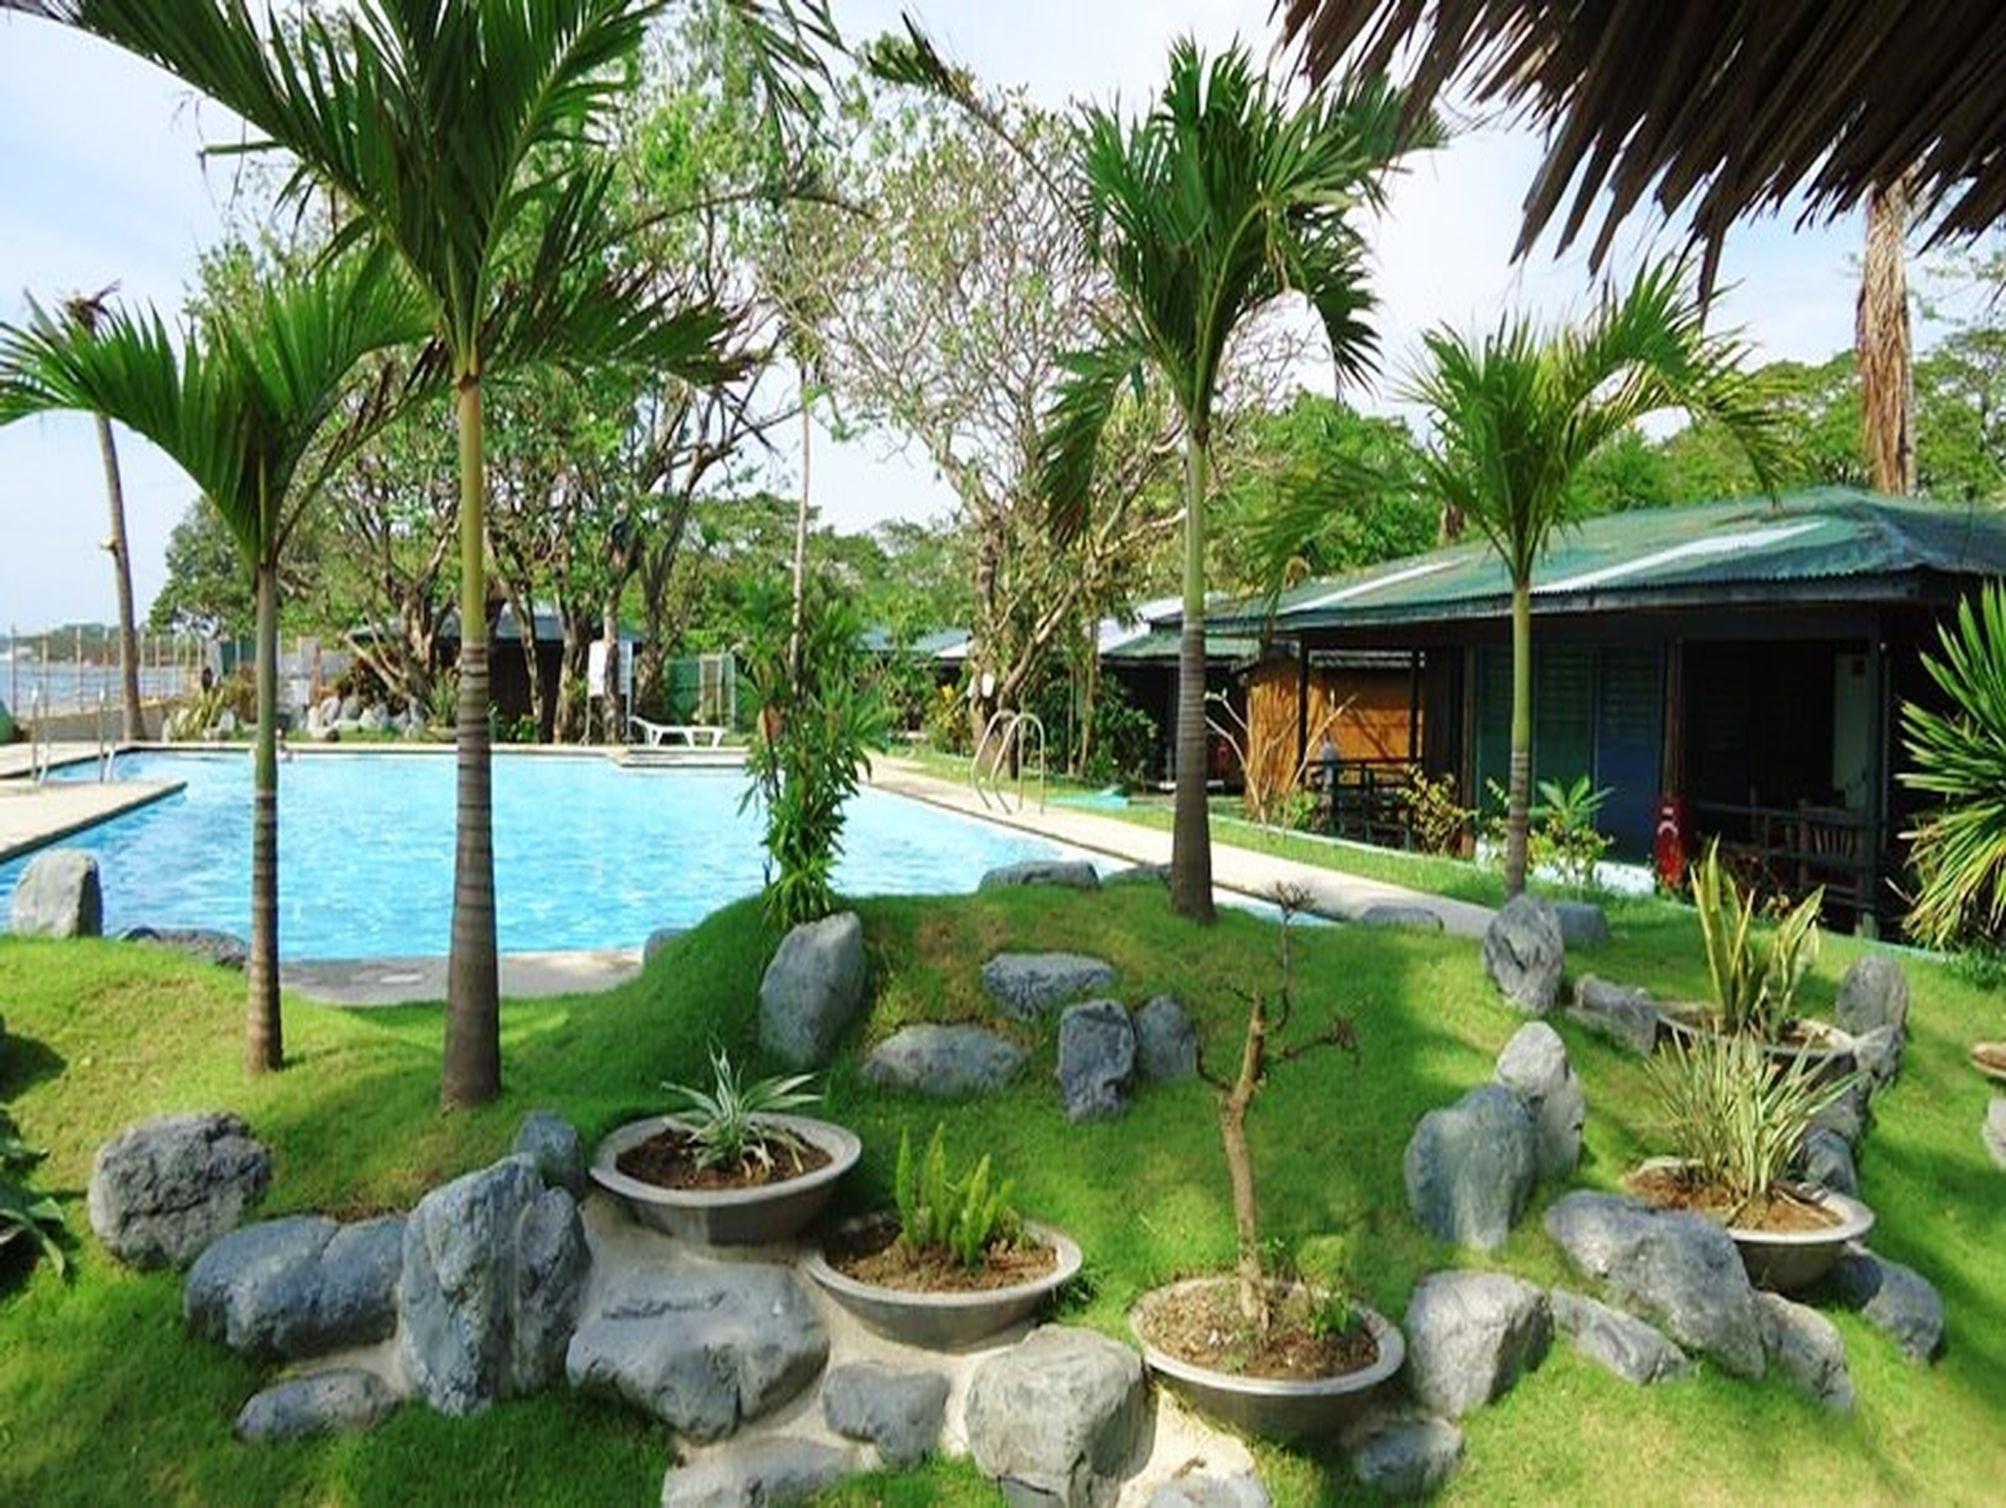 La Union Bali Hai Beach Resort Philippines, Asia Ideally located in ...